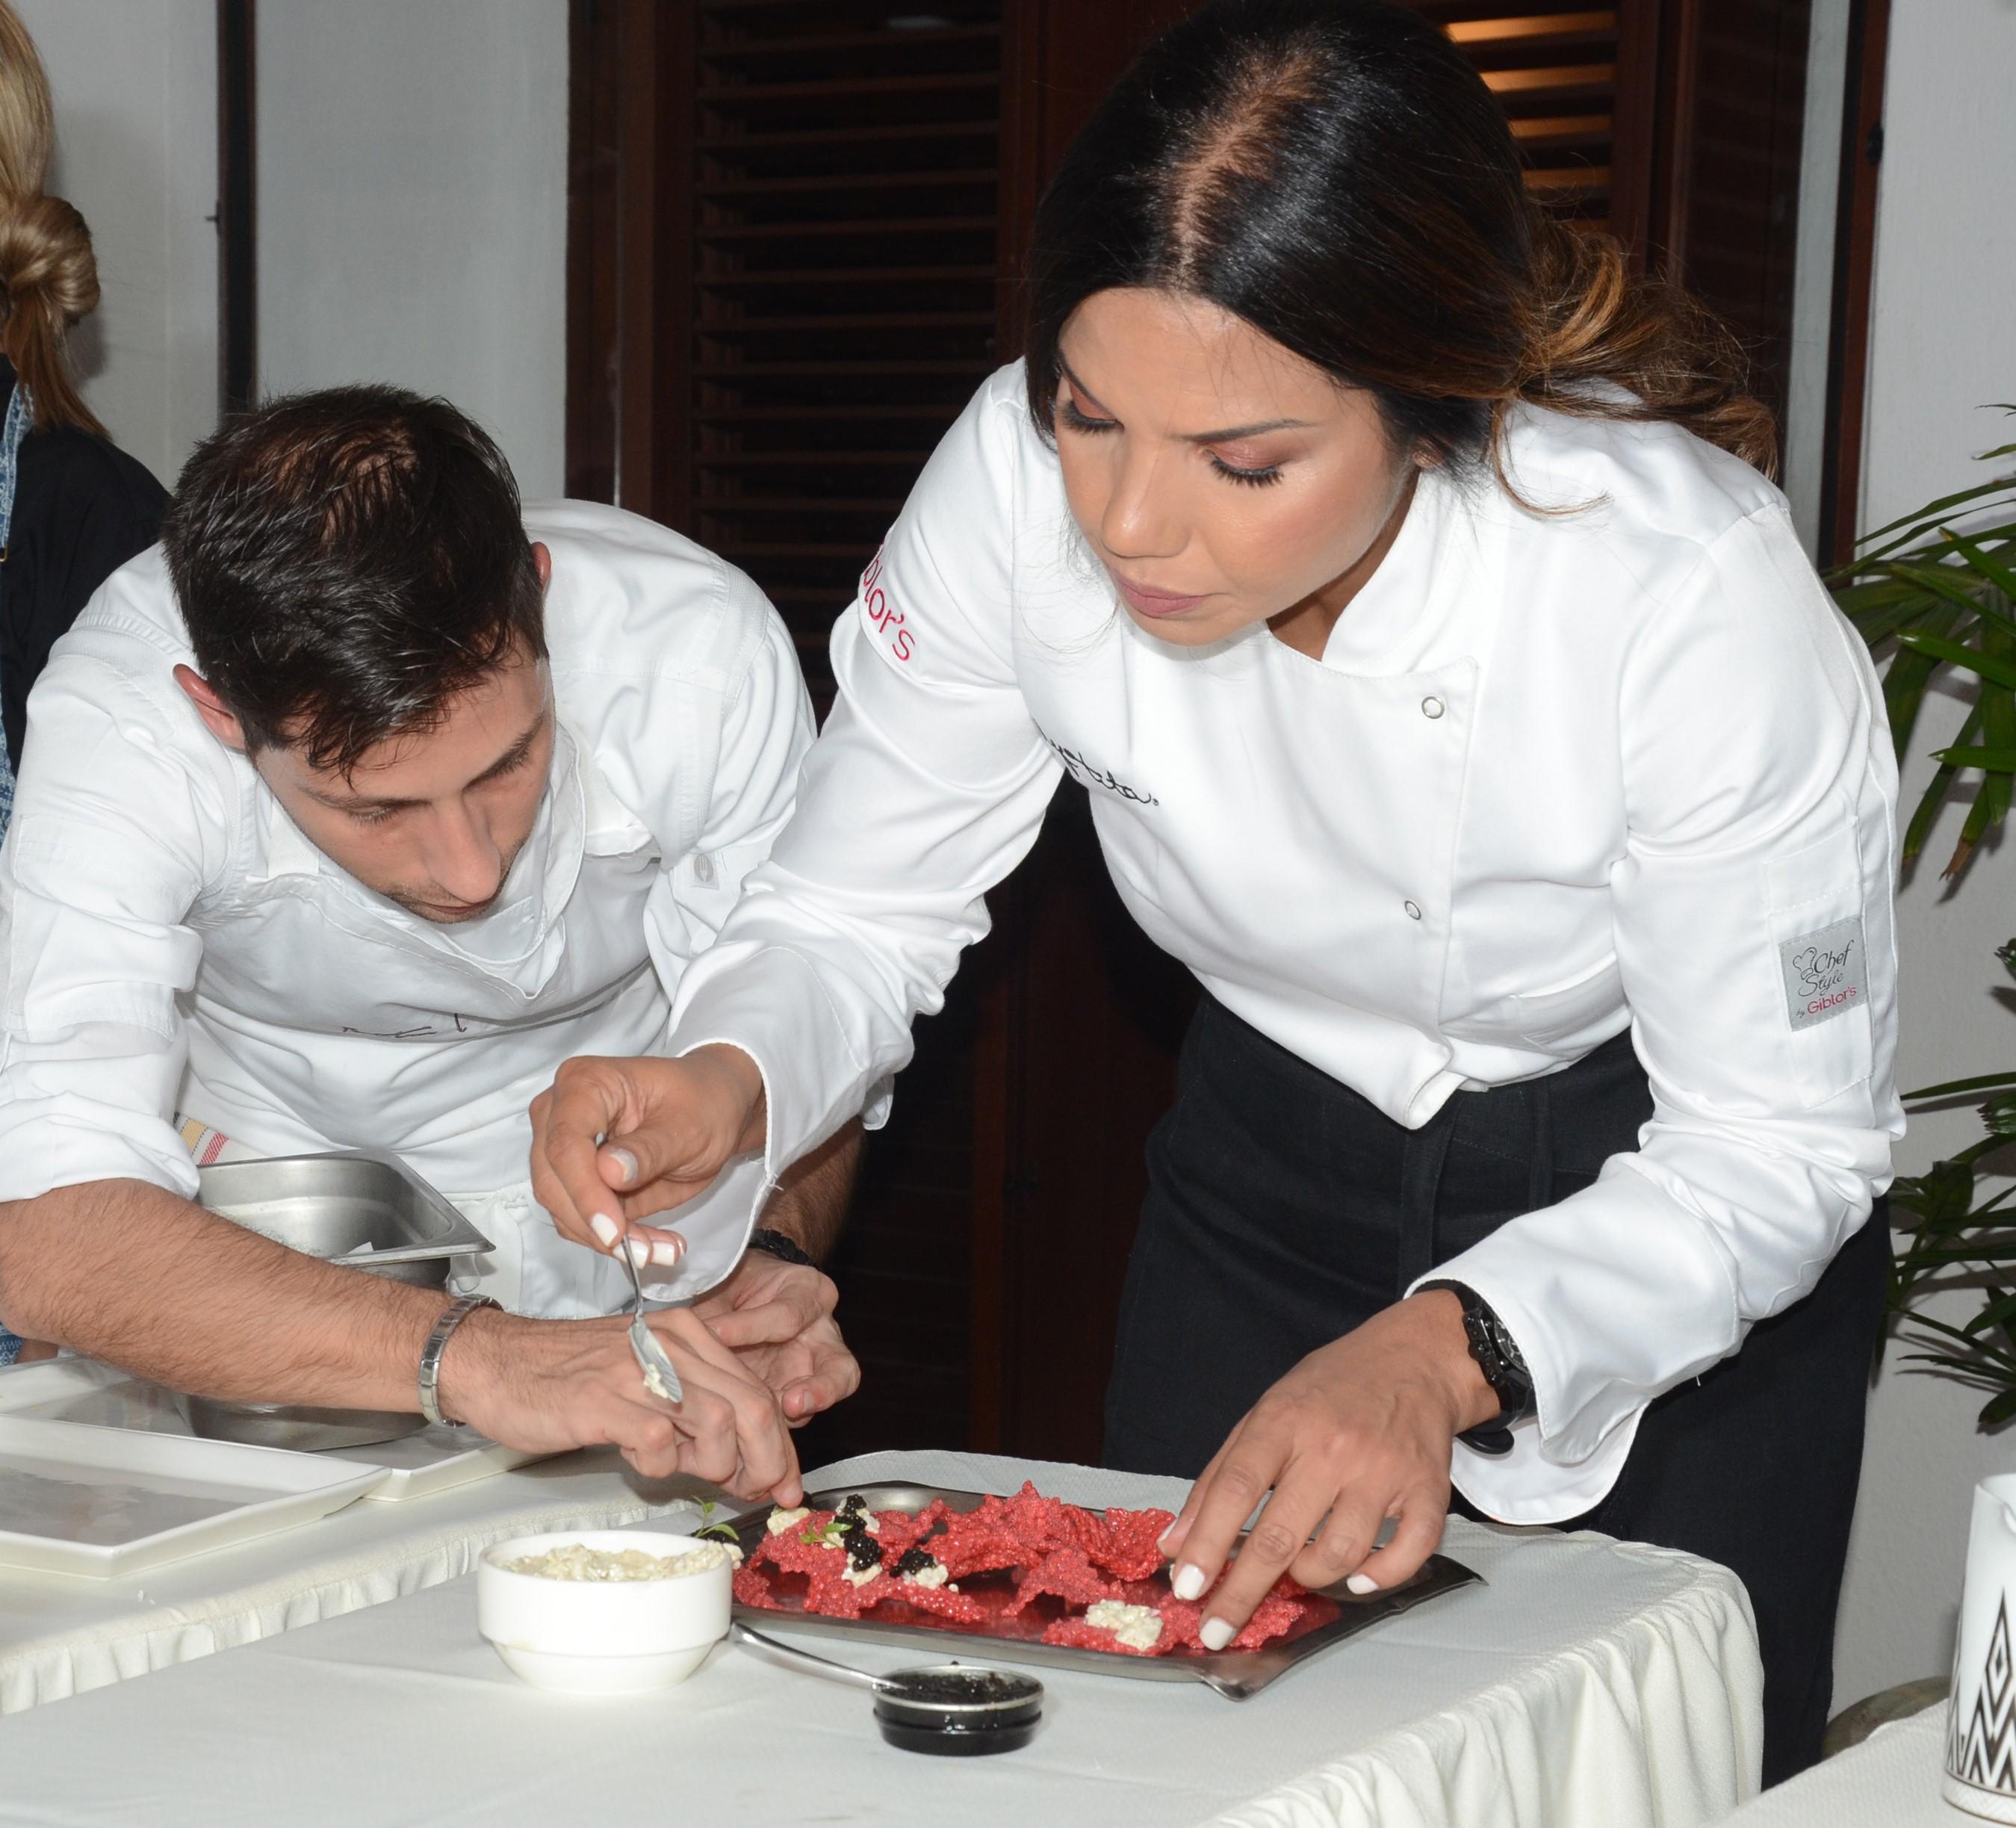 Chef Jua Manuel Feito del Paradisus by Meliá y Passion by MB junto a Chef Tita